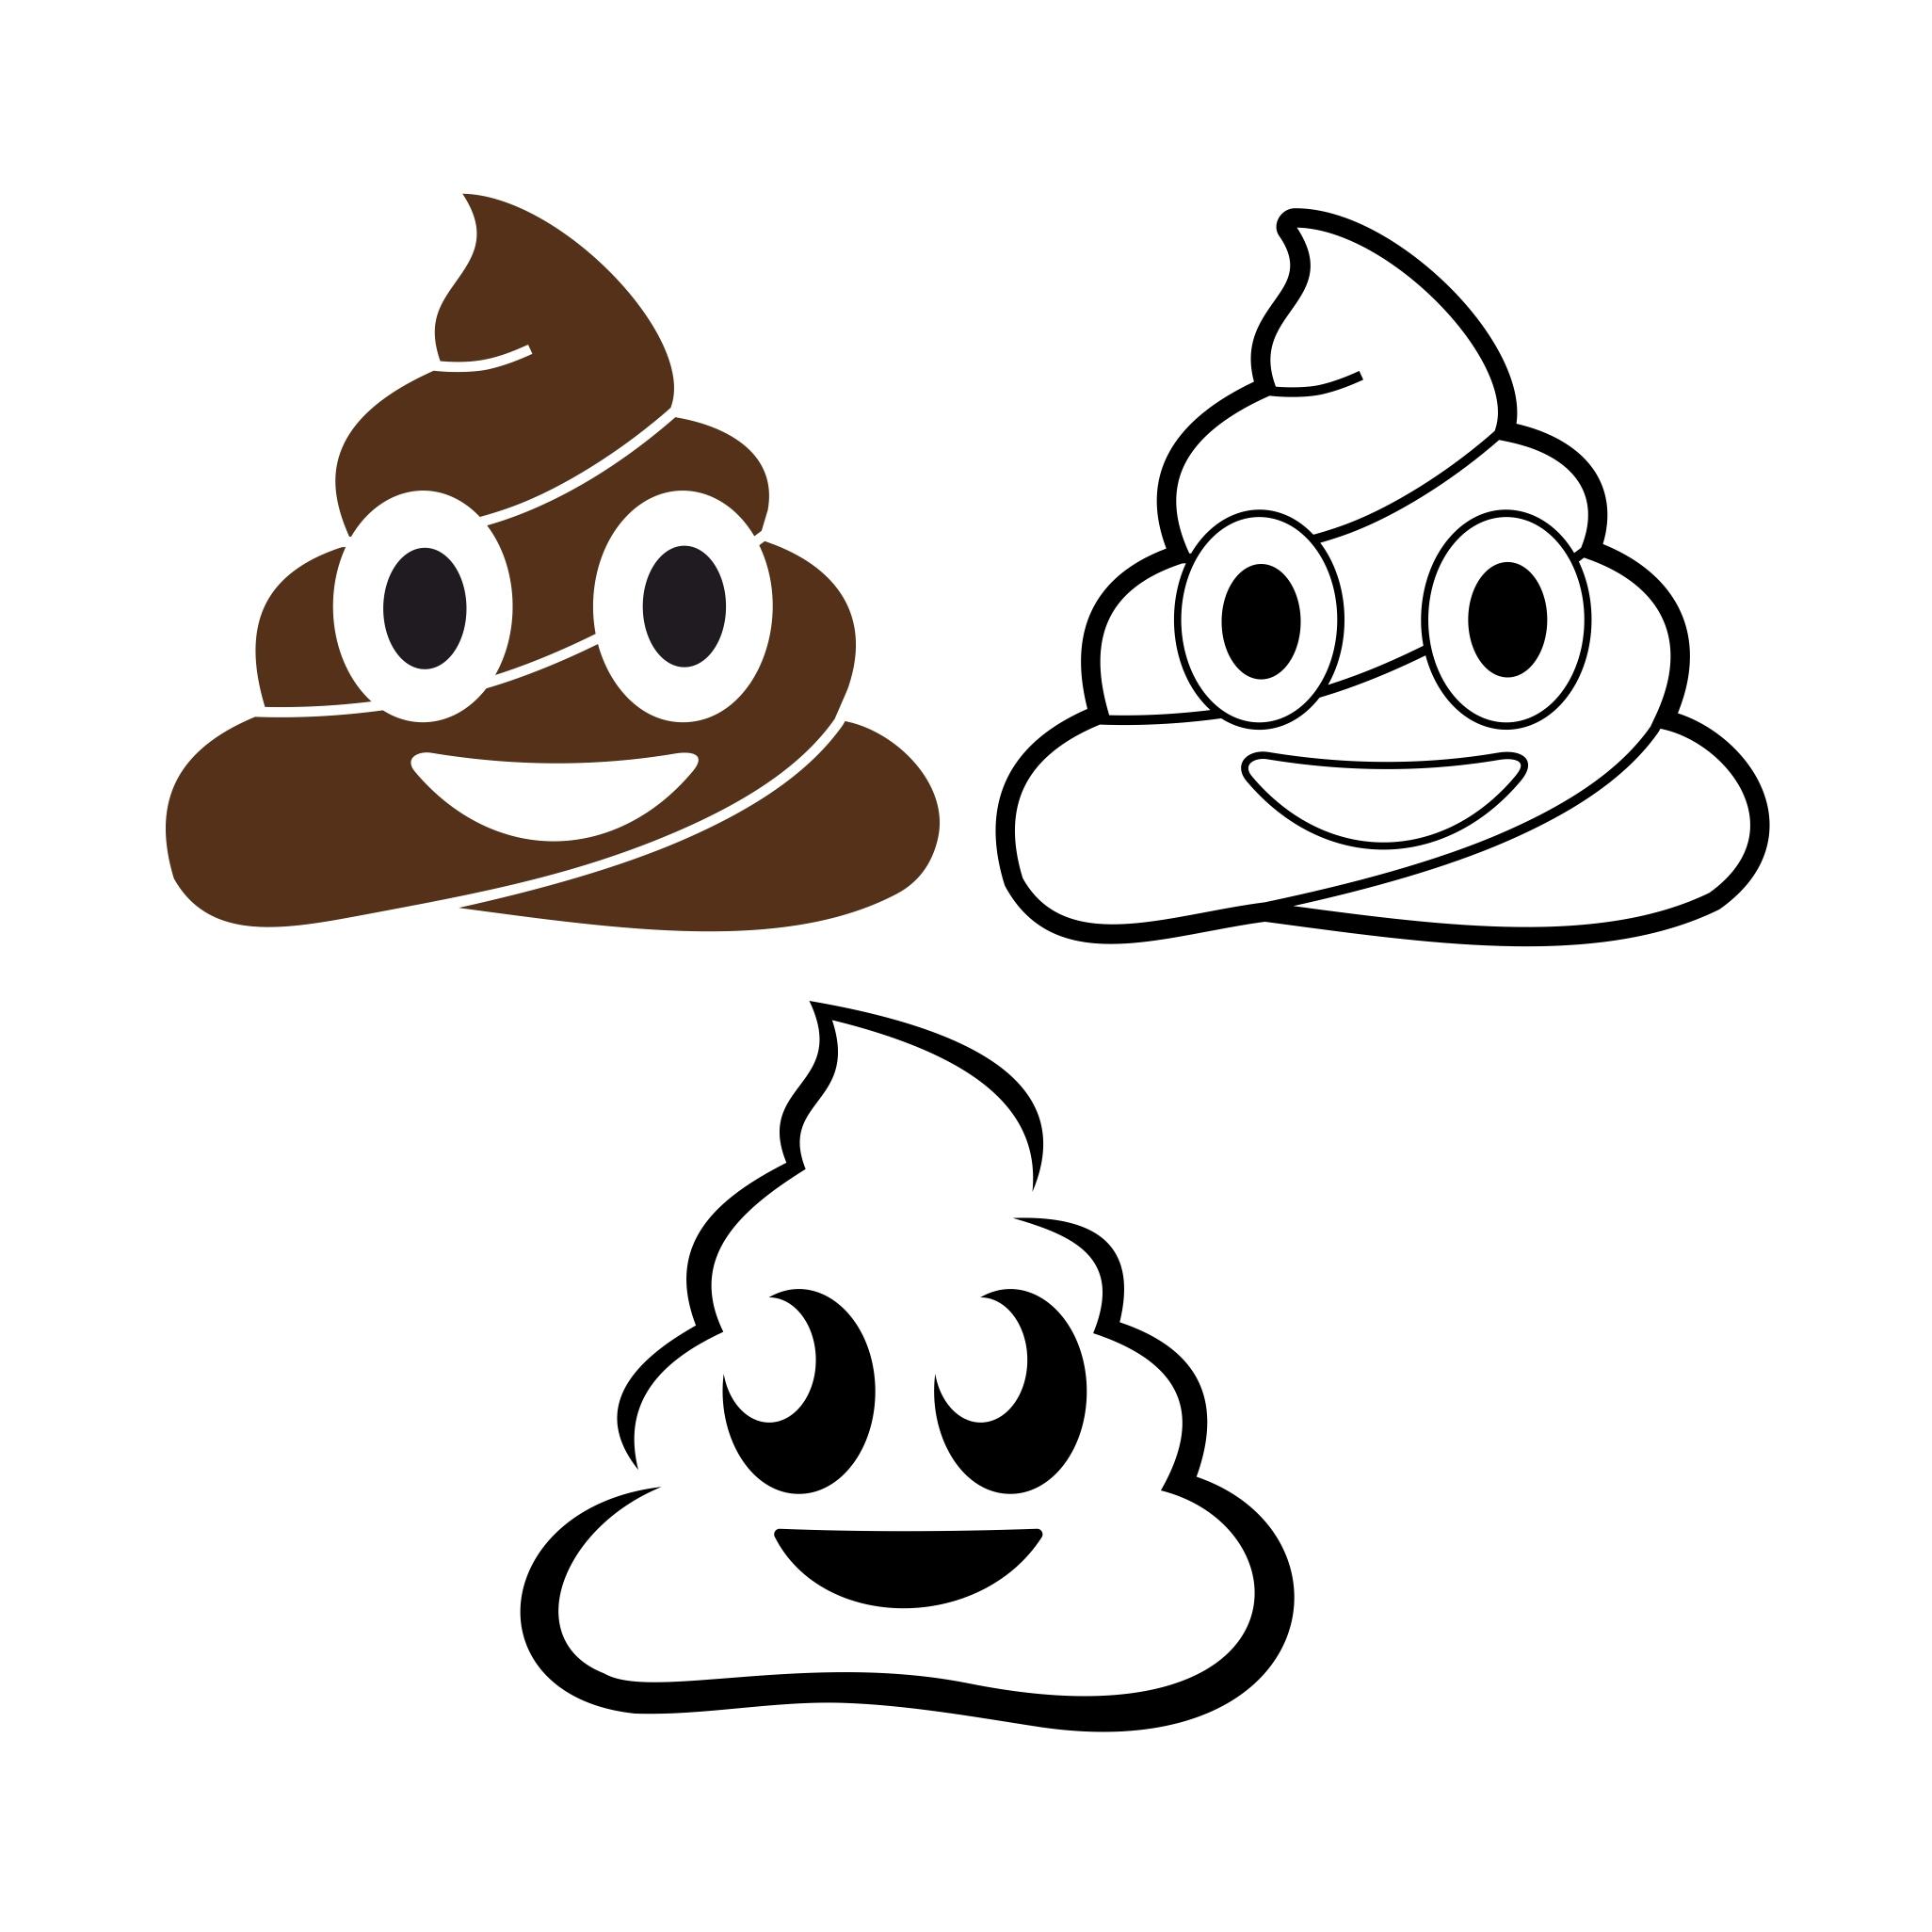 2052x2052 Poop Emoji Design Svg Dxf Eps Png Cdr Ai Pdf By Vectordesign On Zibbet